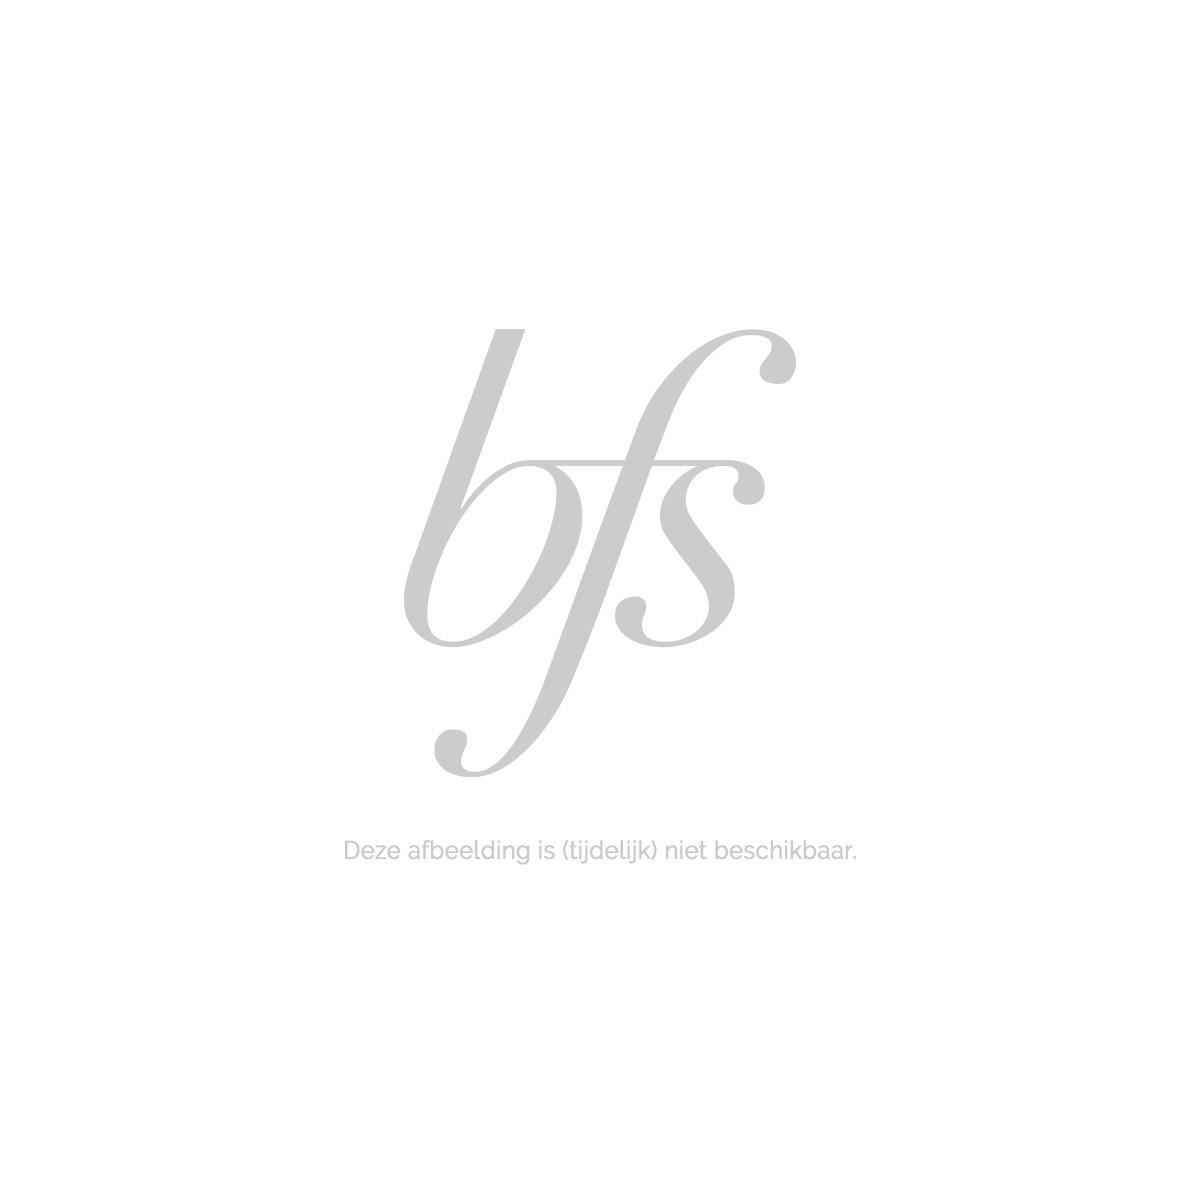 Janzen Navulling Diffuser Blue 33 (Incl. Stokjes) 200 Ml